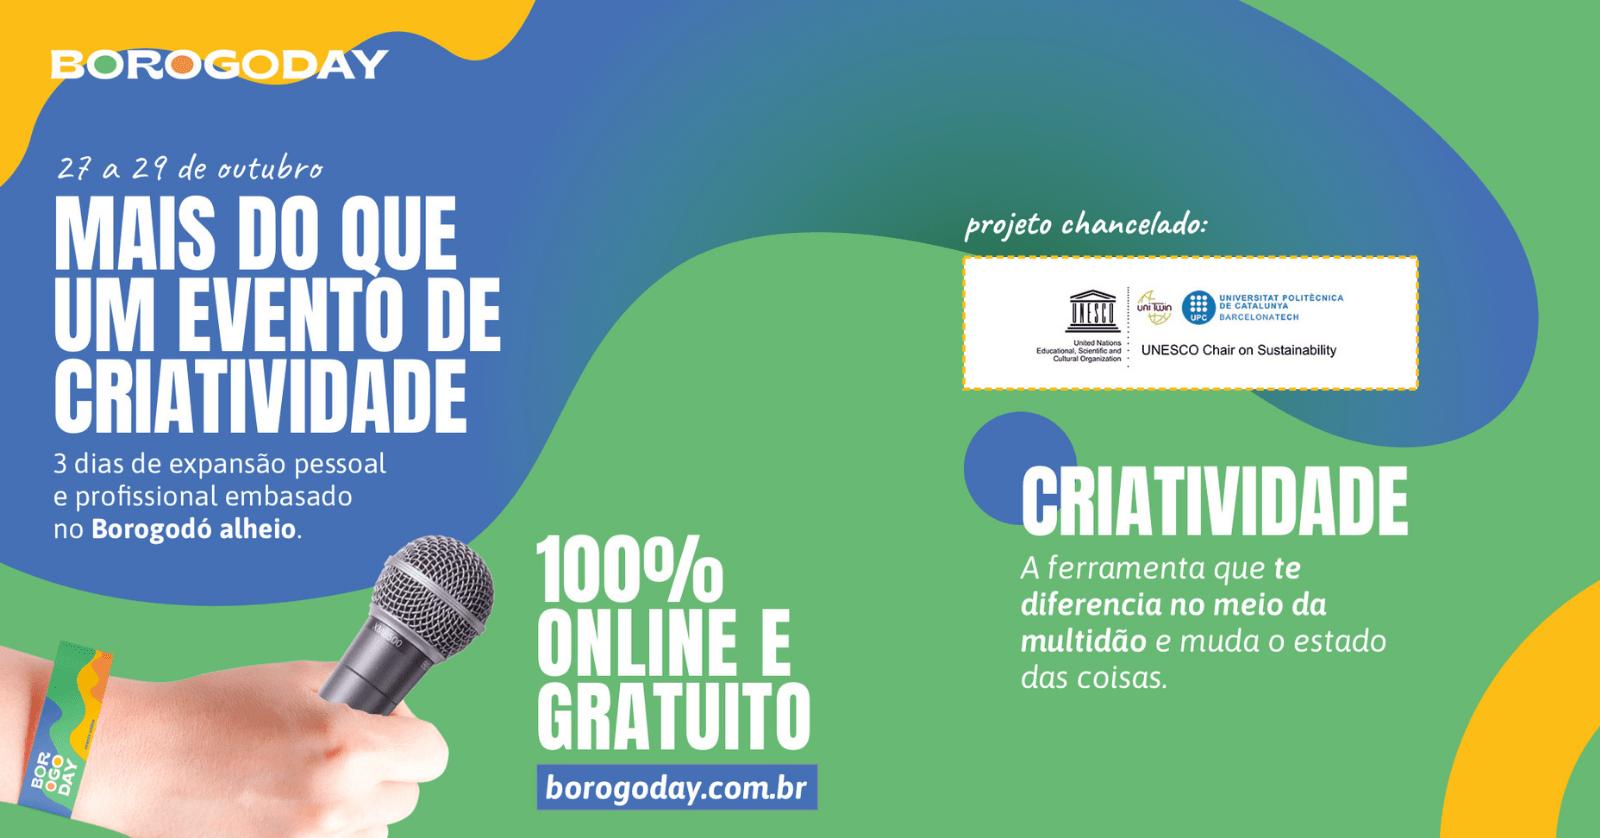 Borogoday: Evento de criatividade será gratuito e online